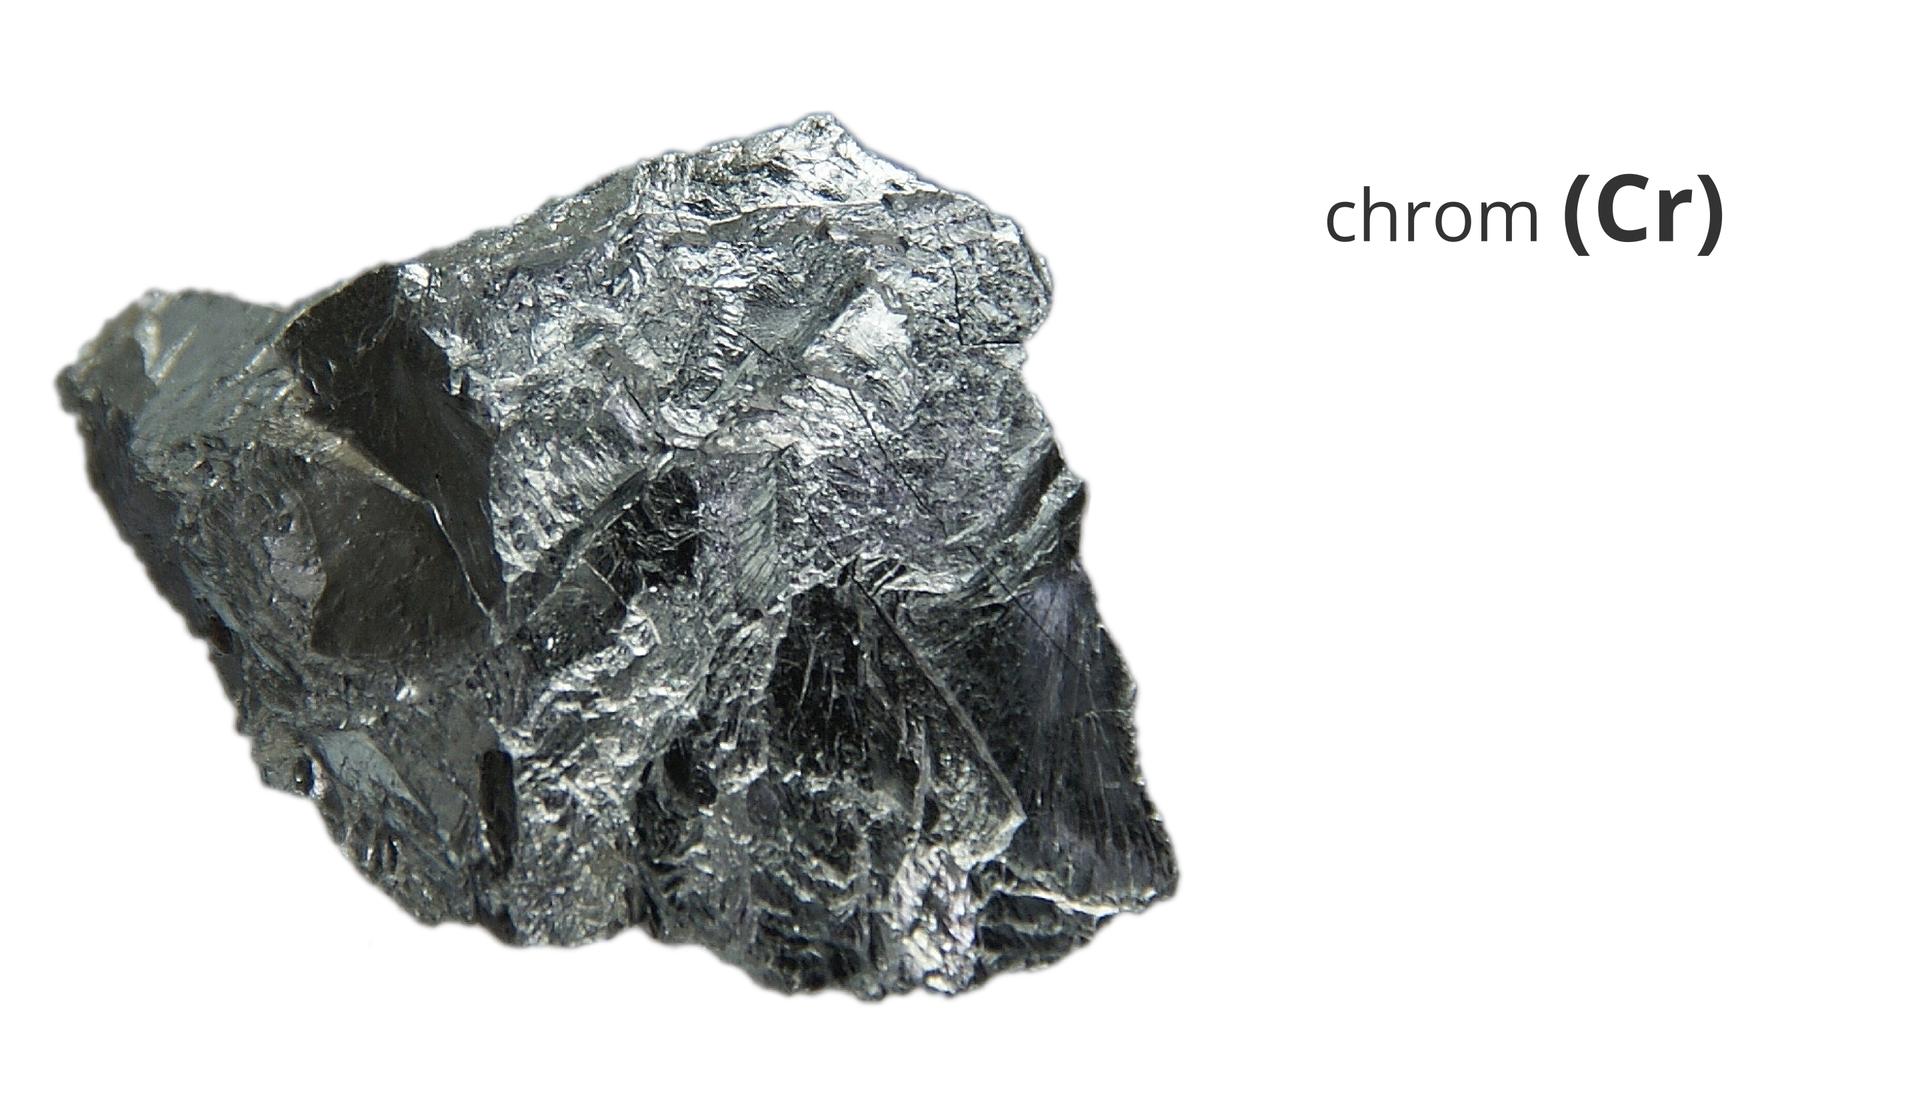 Zdjęcie przedstawia kawałek metalicznego chromu. Obok widnieje napis chrom ijego symbol Cr.